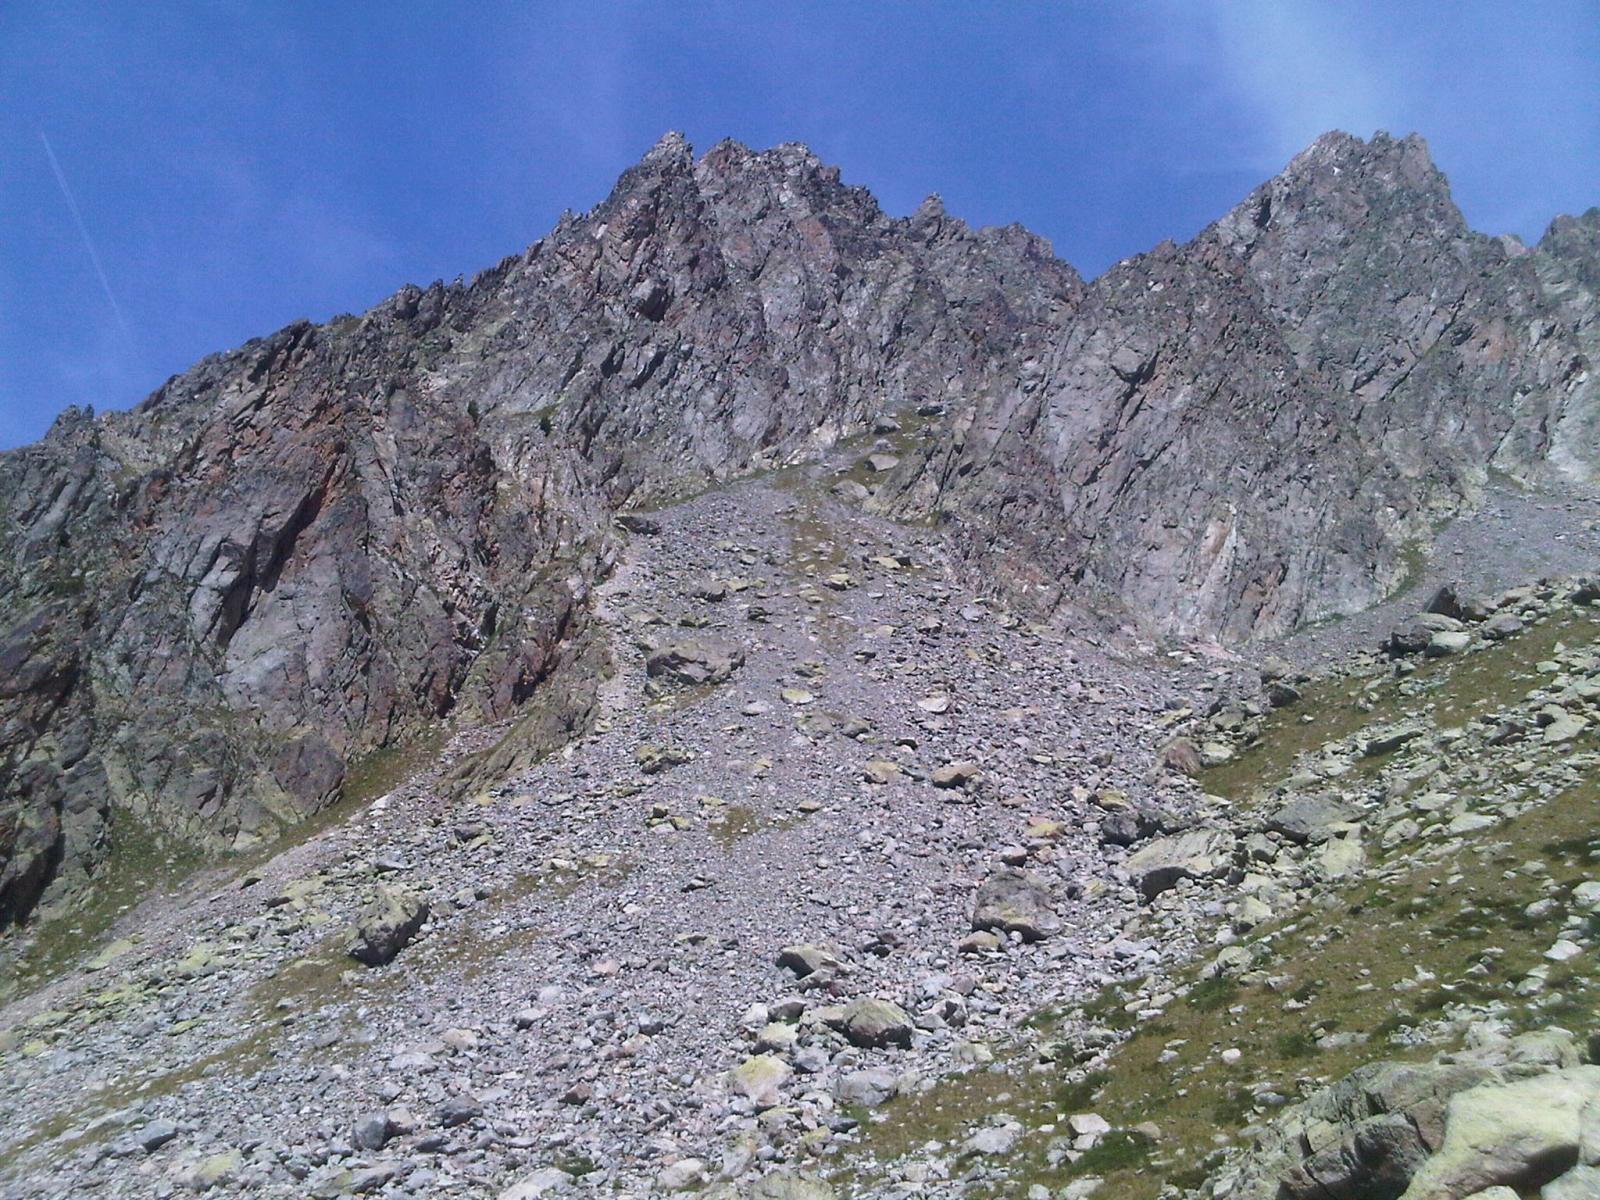 Mte. Argentera 08-11 August 2012 (Photo 10)